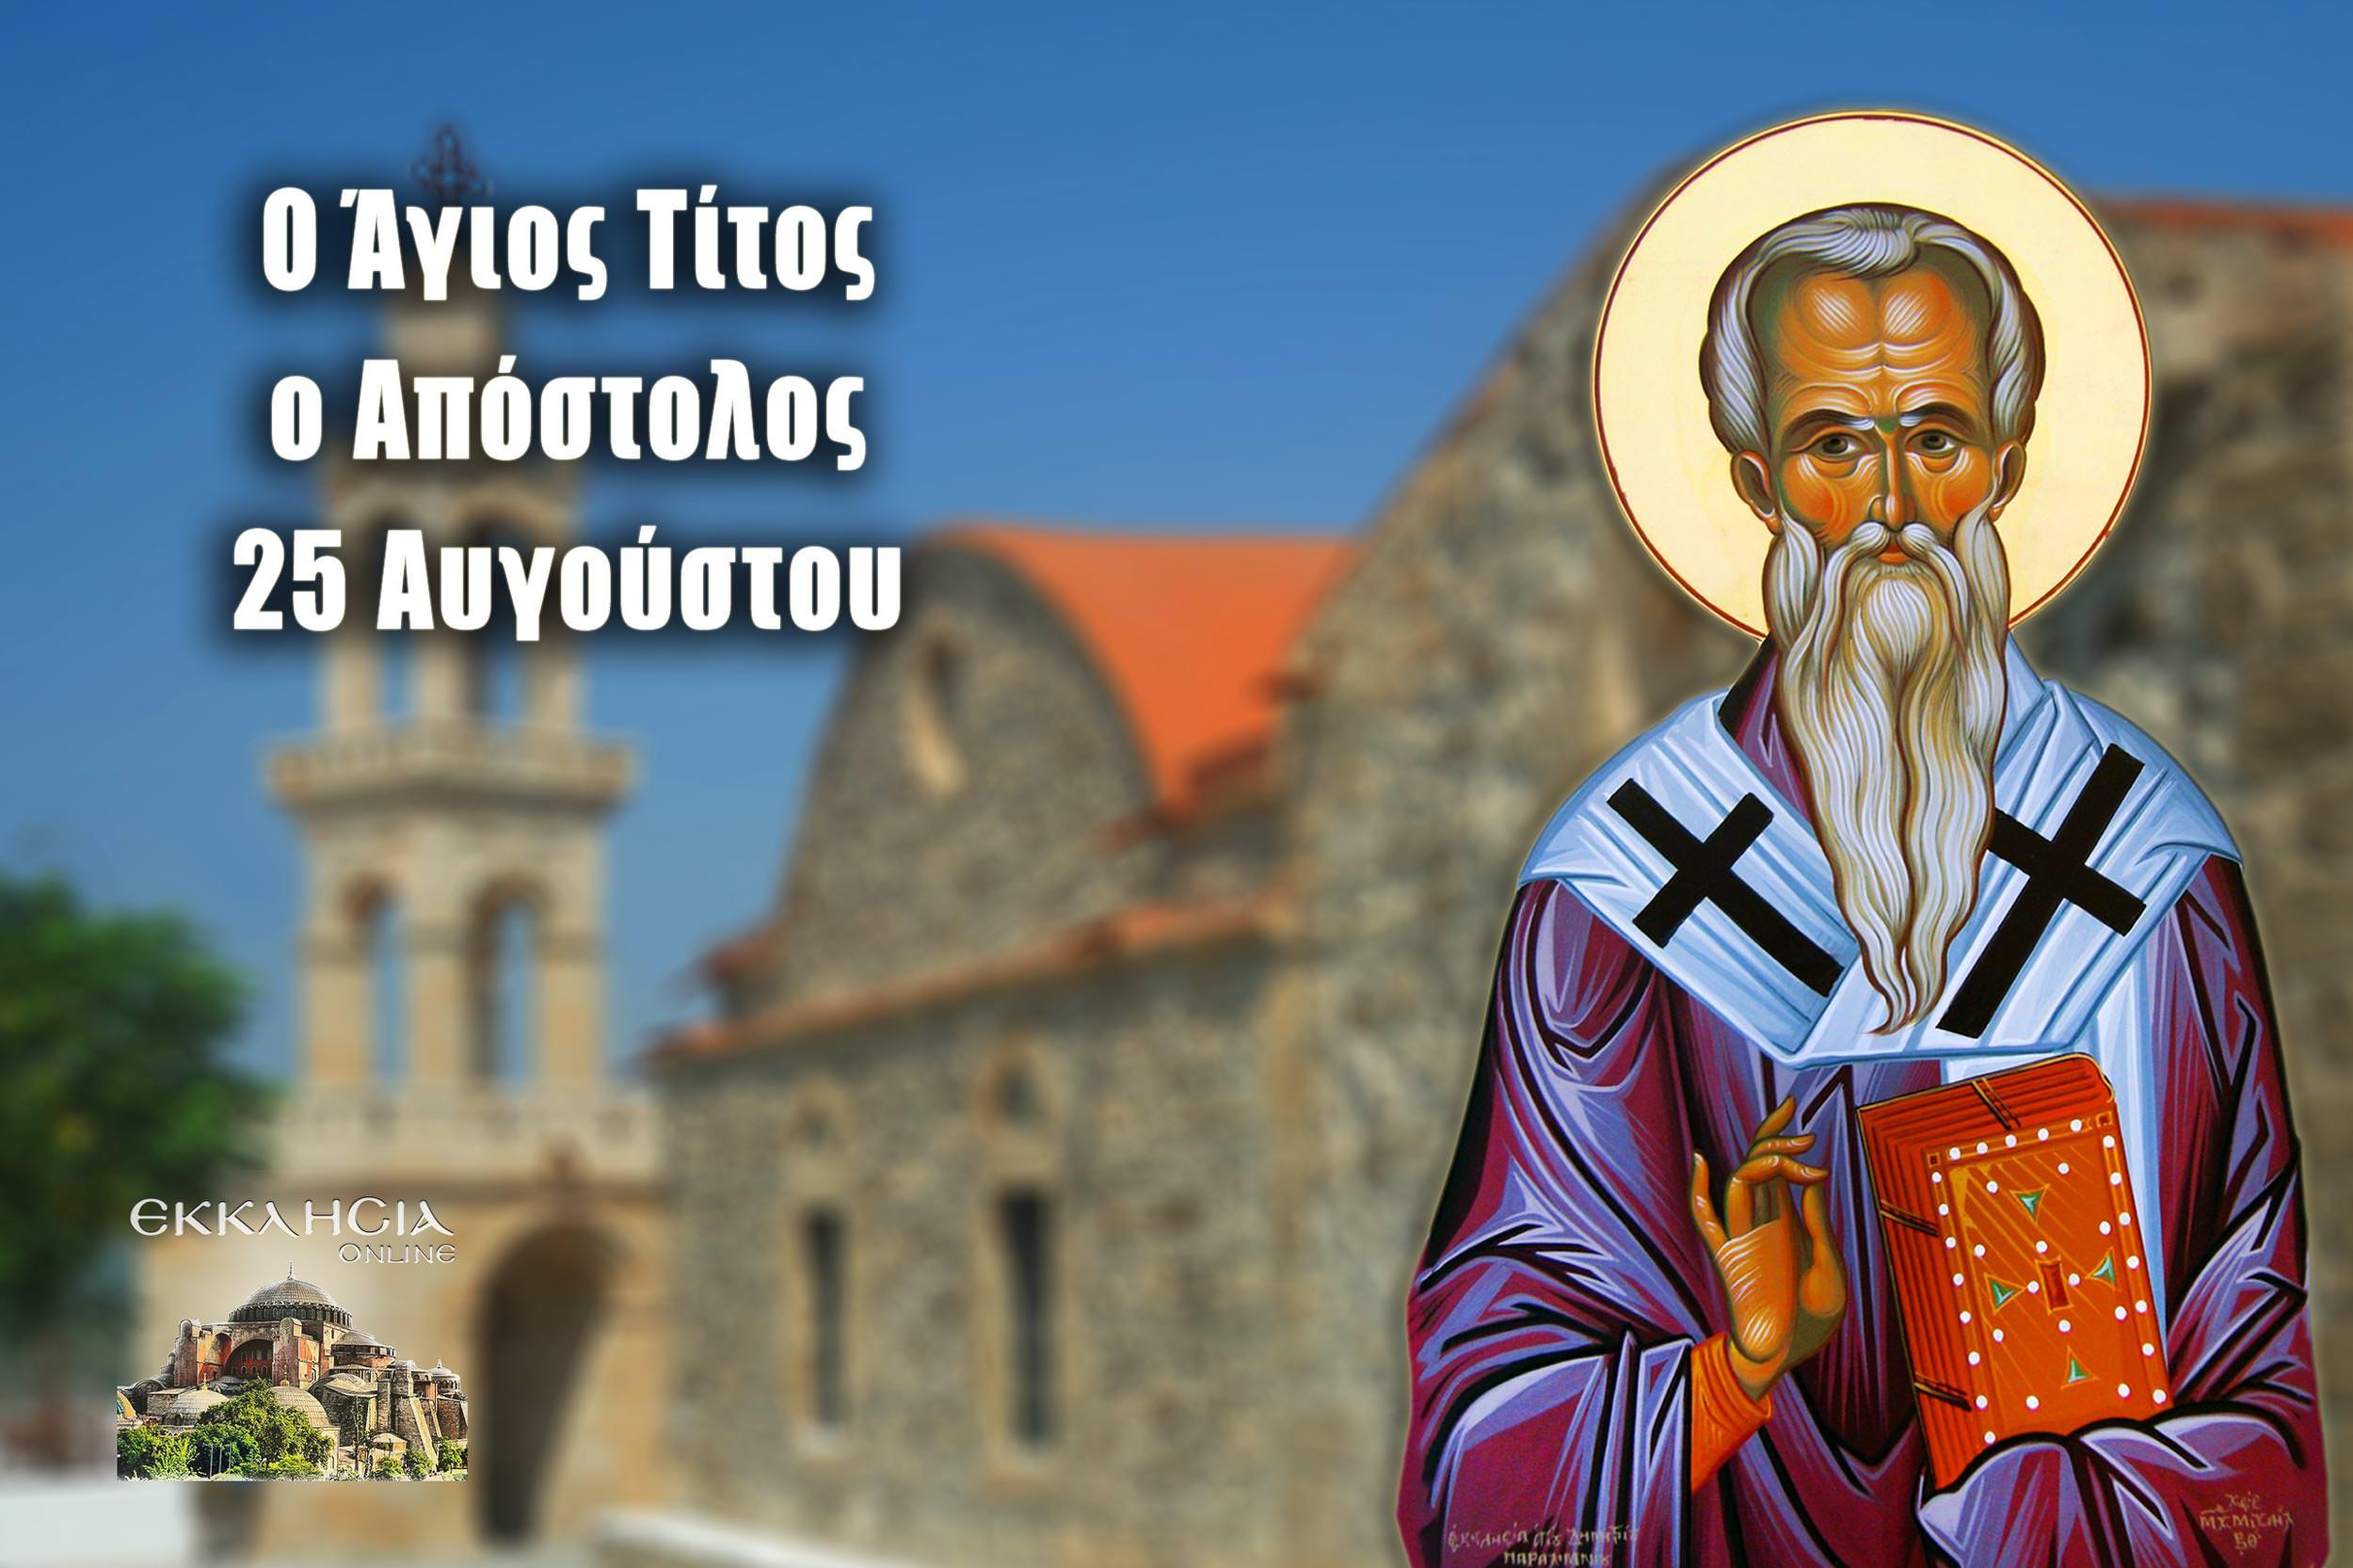 Άγιος Τίτος ο Απόστολος 25 Αυγούστου